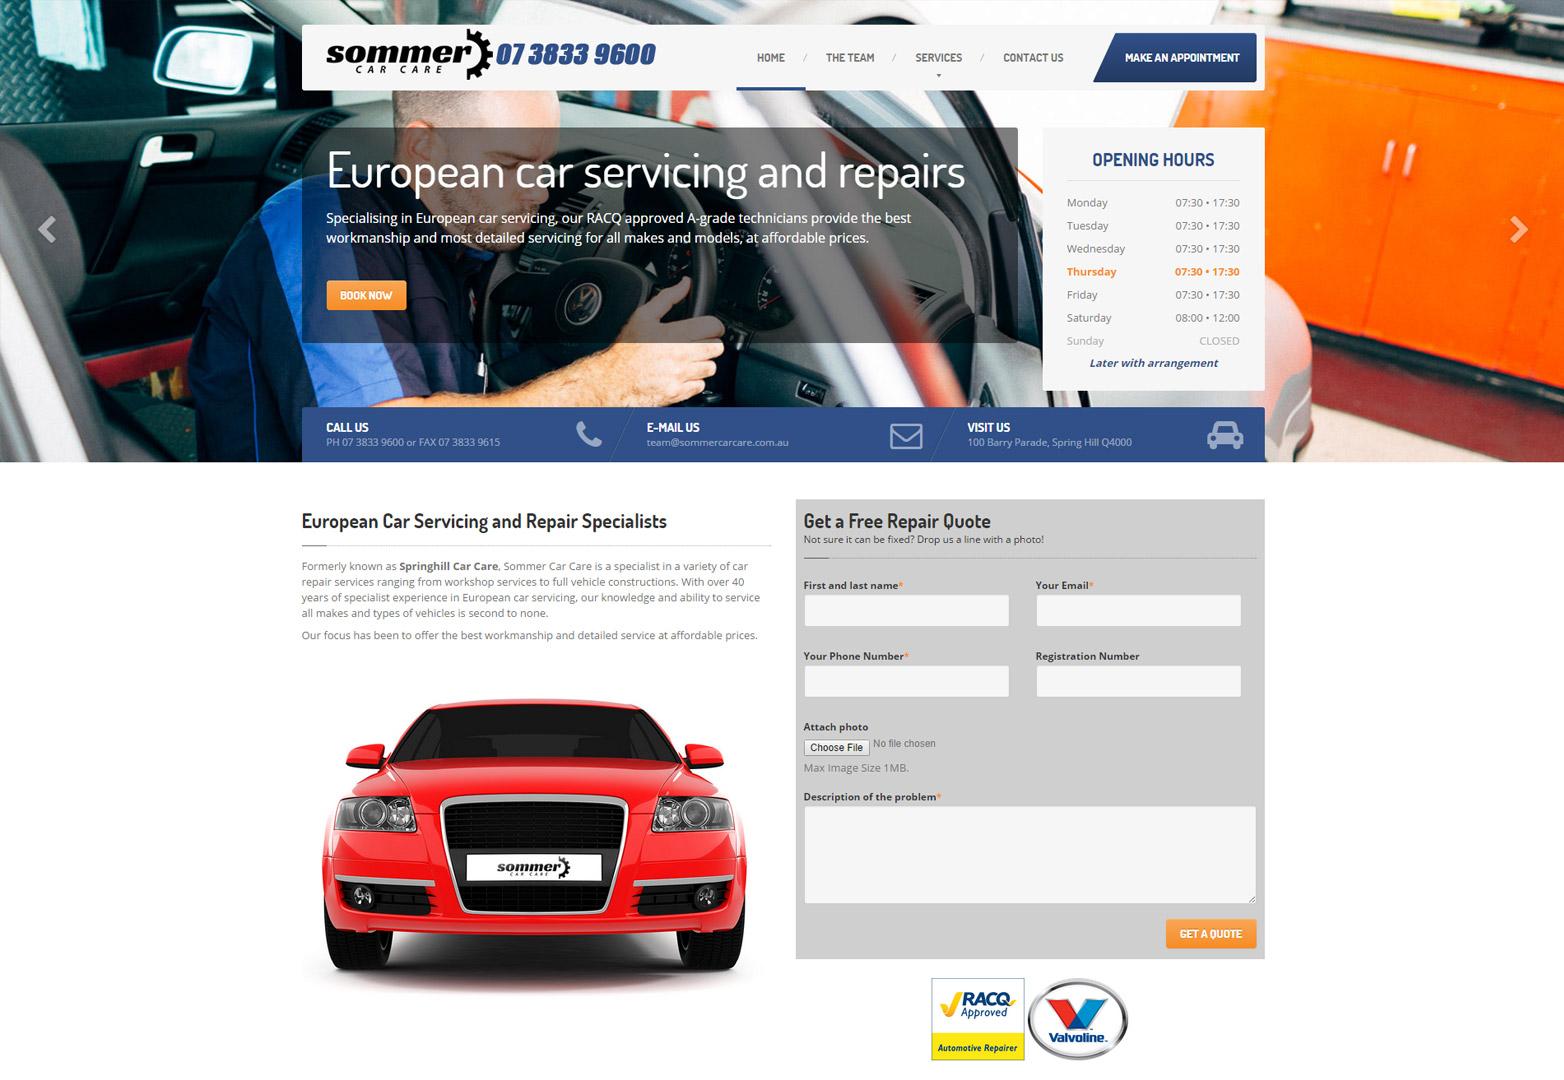 webdesign_sommer01